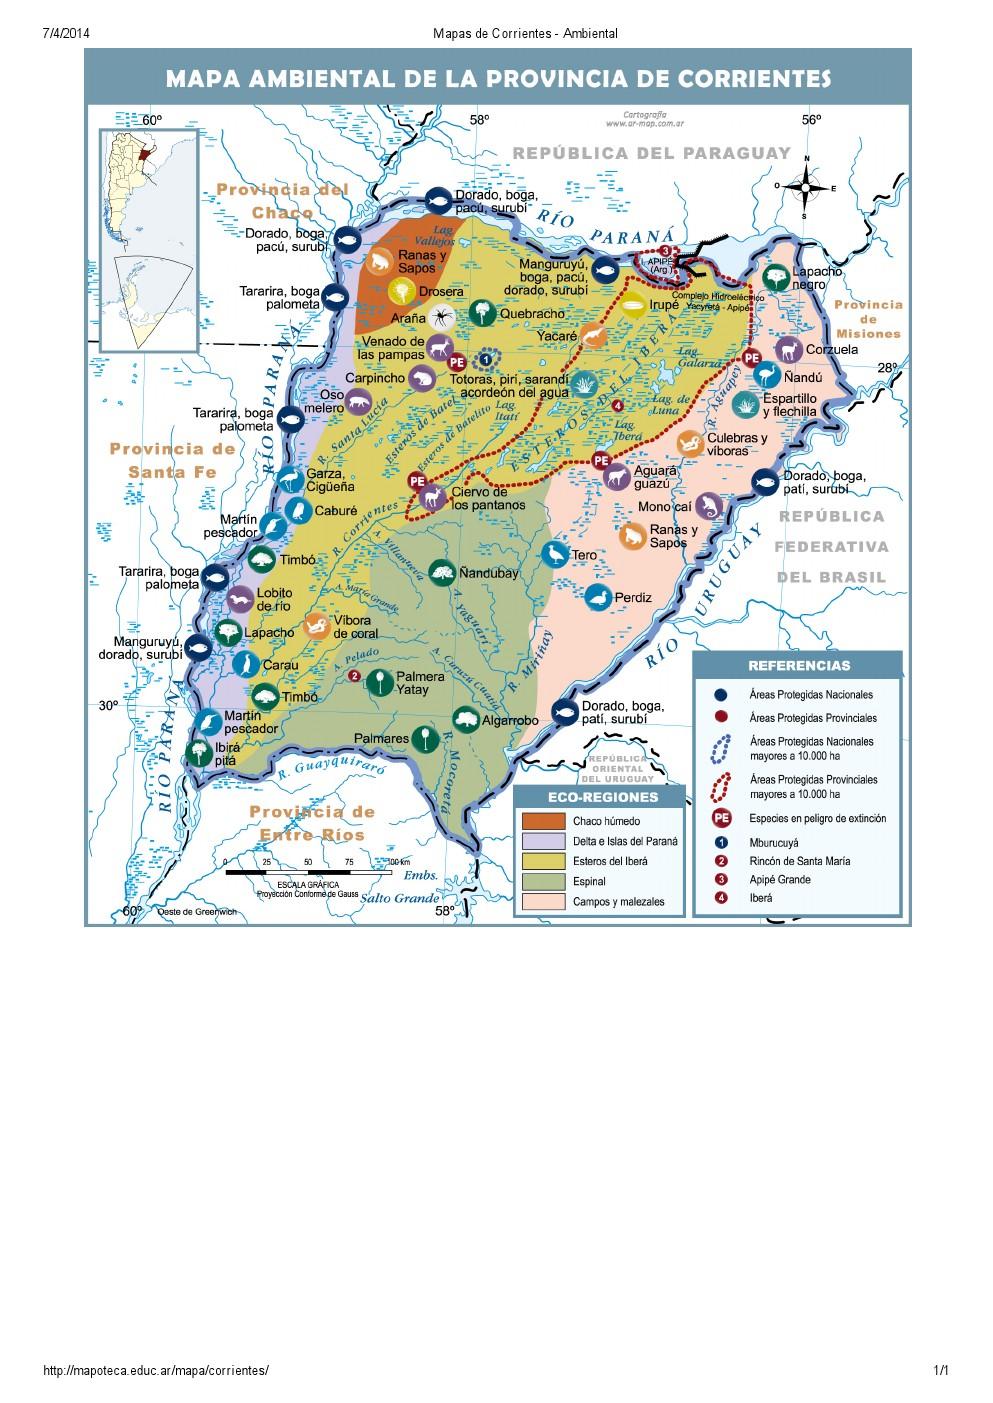 Mapa ambiental de Corrientes. Mapoteca de Educ.ar